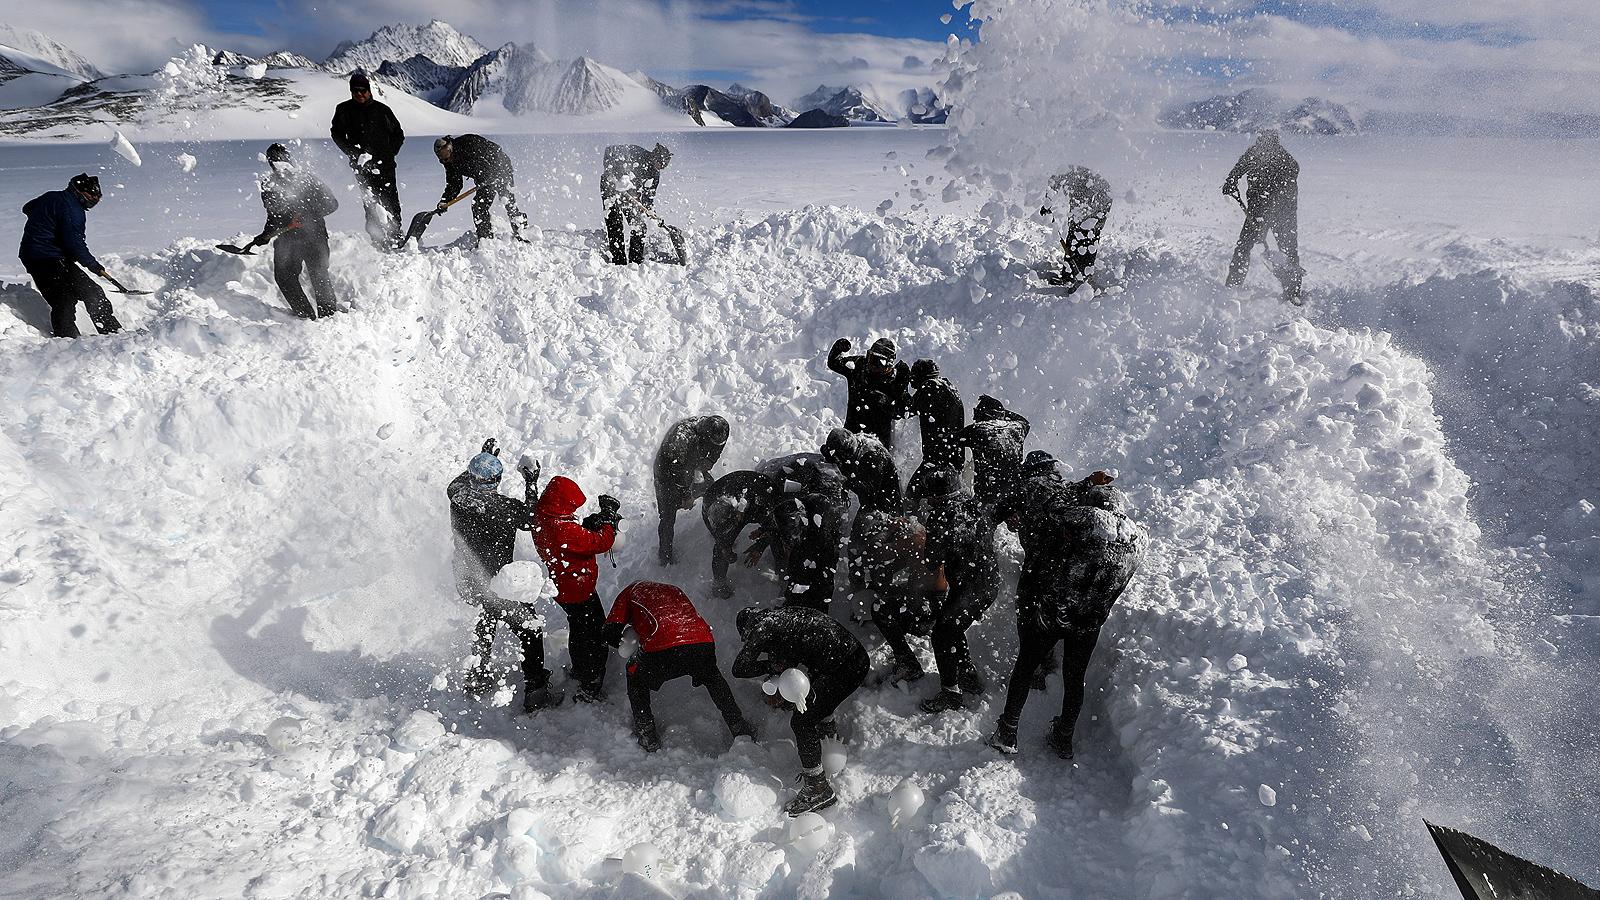 Само определен брой туристи, учени и войници могат да стъпят на този континент, голяма част от който се намира под два километра лед.